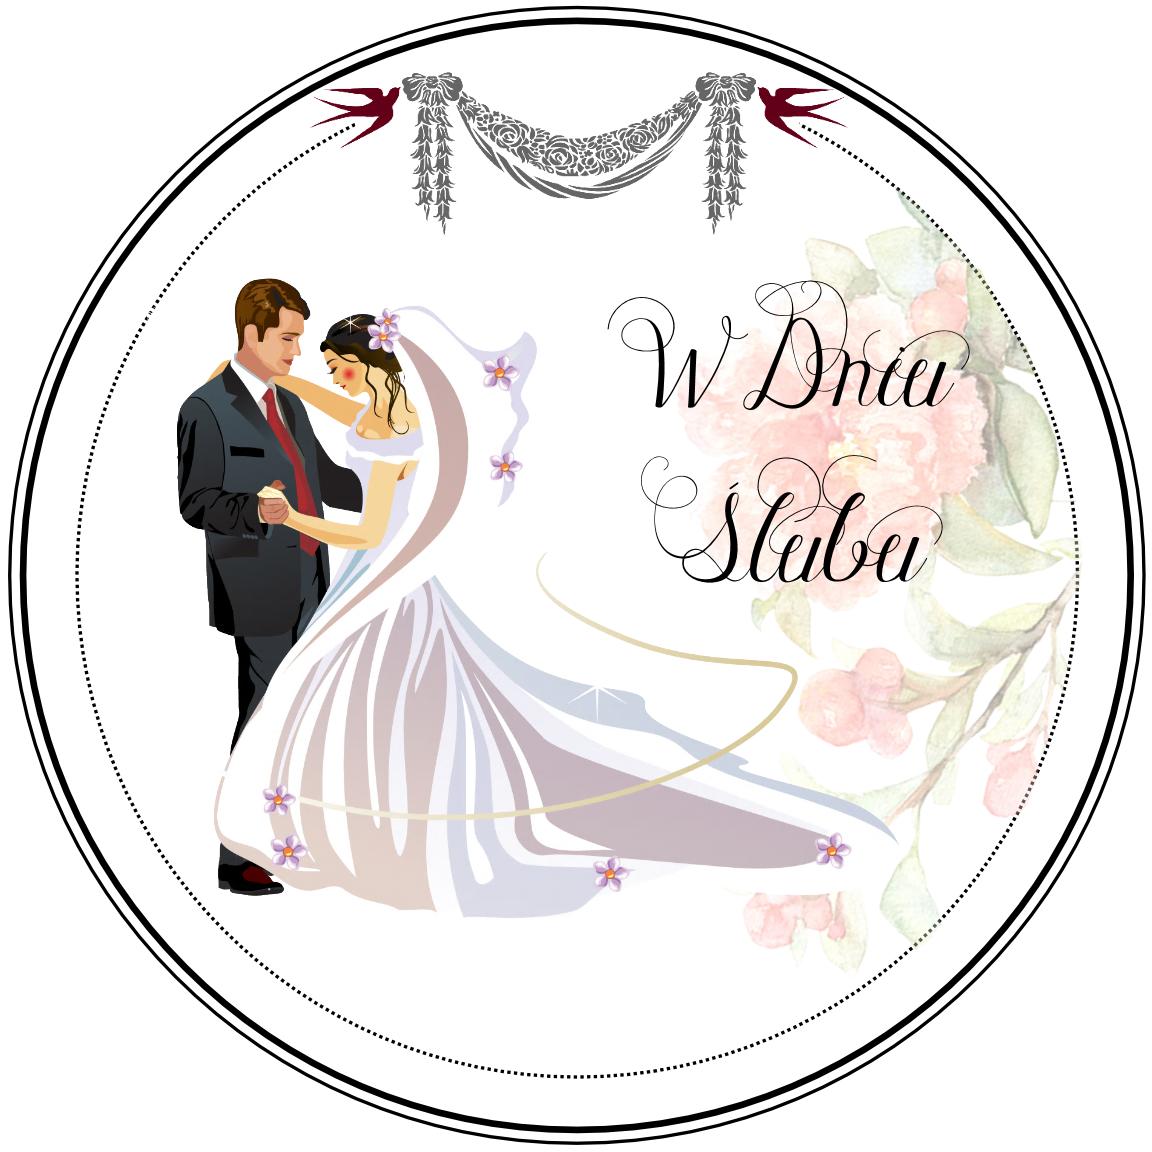 صور ثيمات حفلات زفاف بدون أسماء